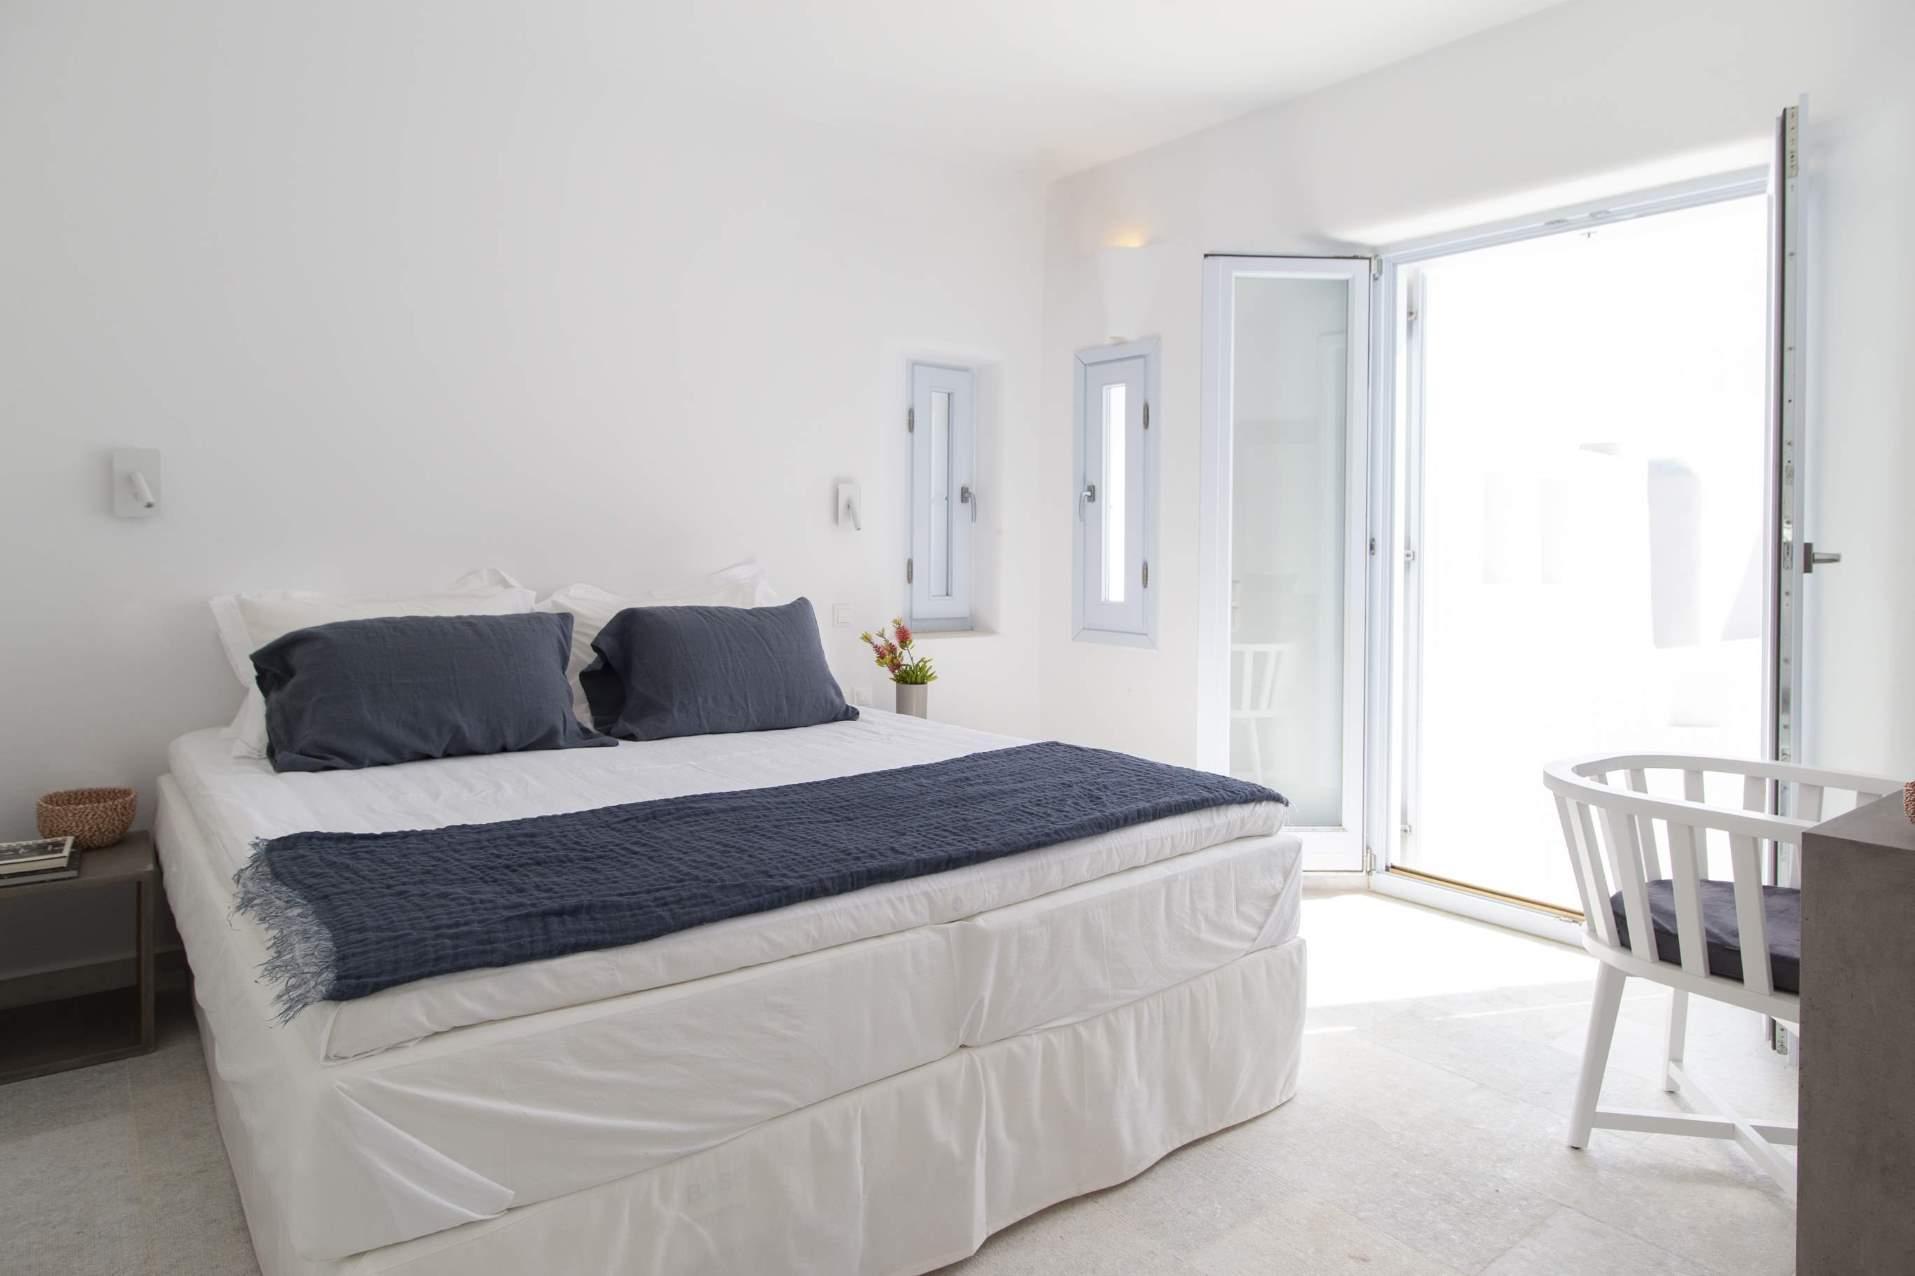 paros villas bedroom